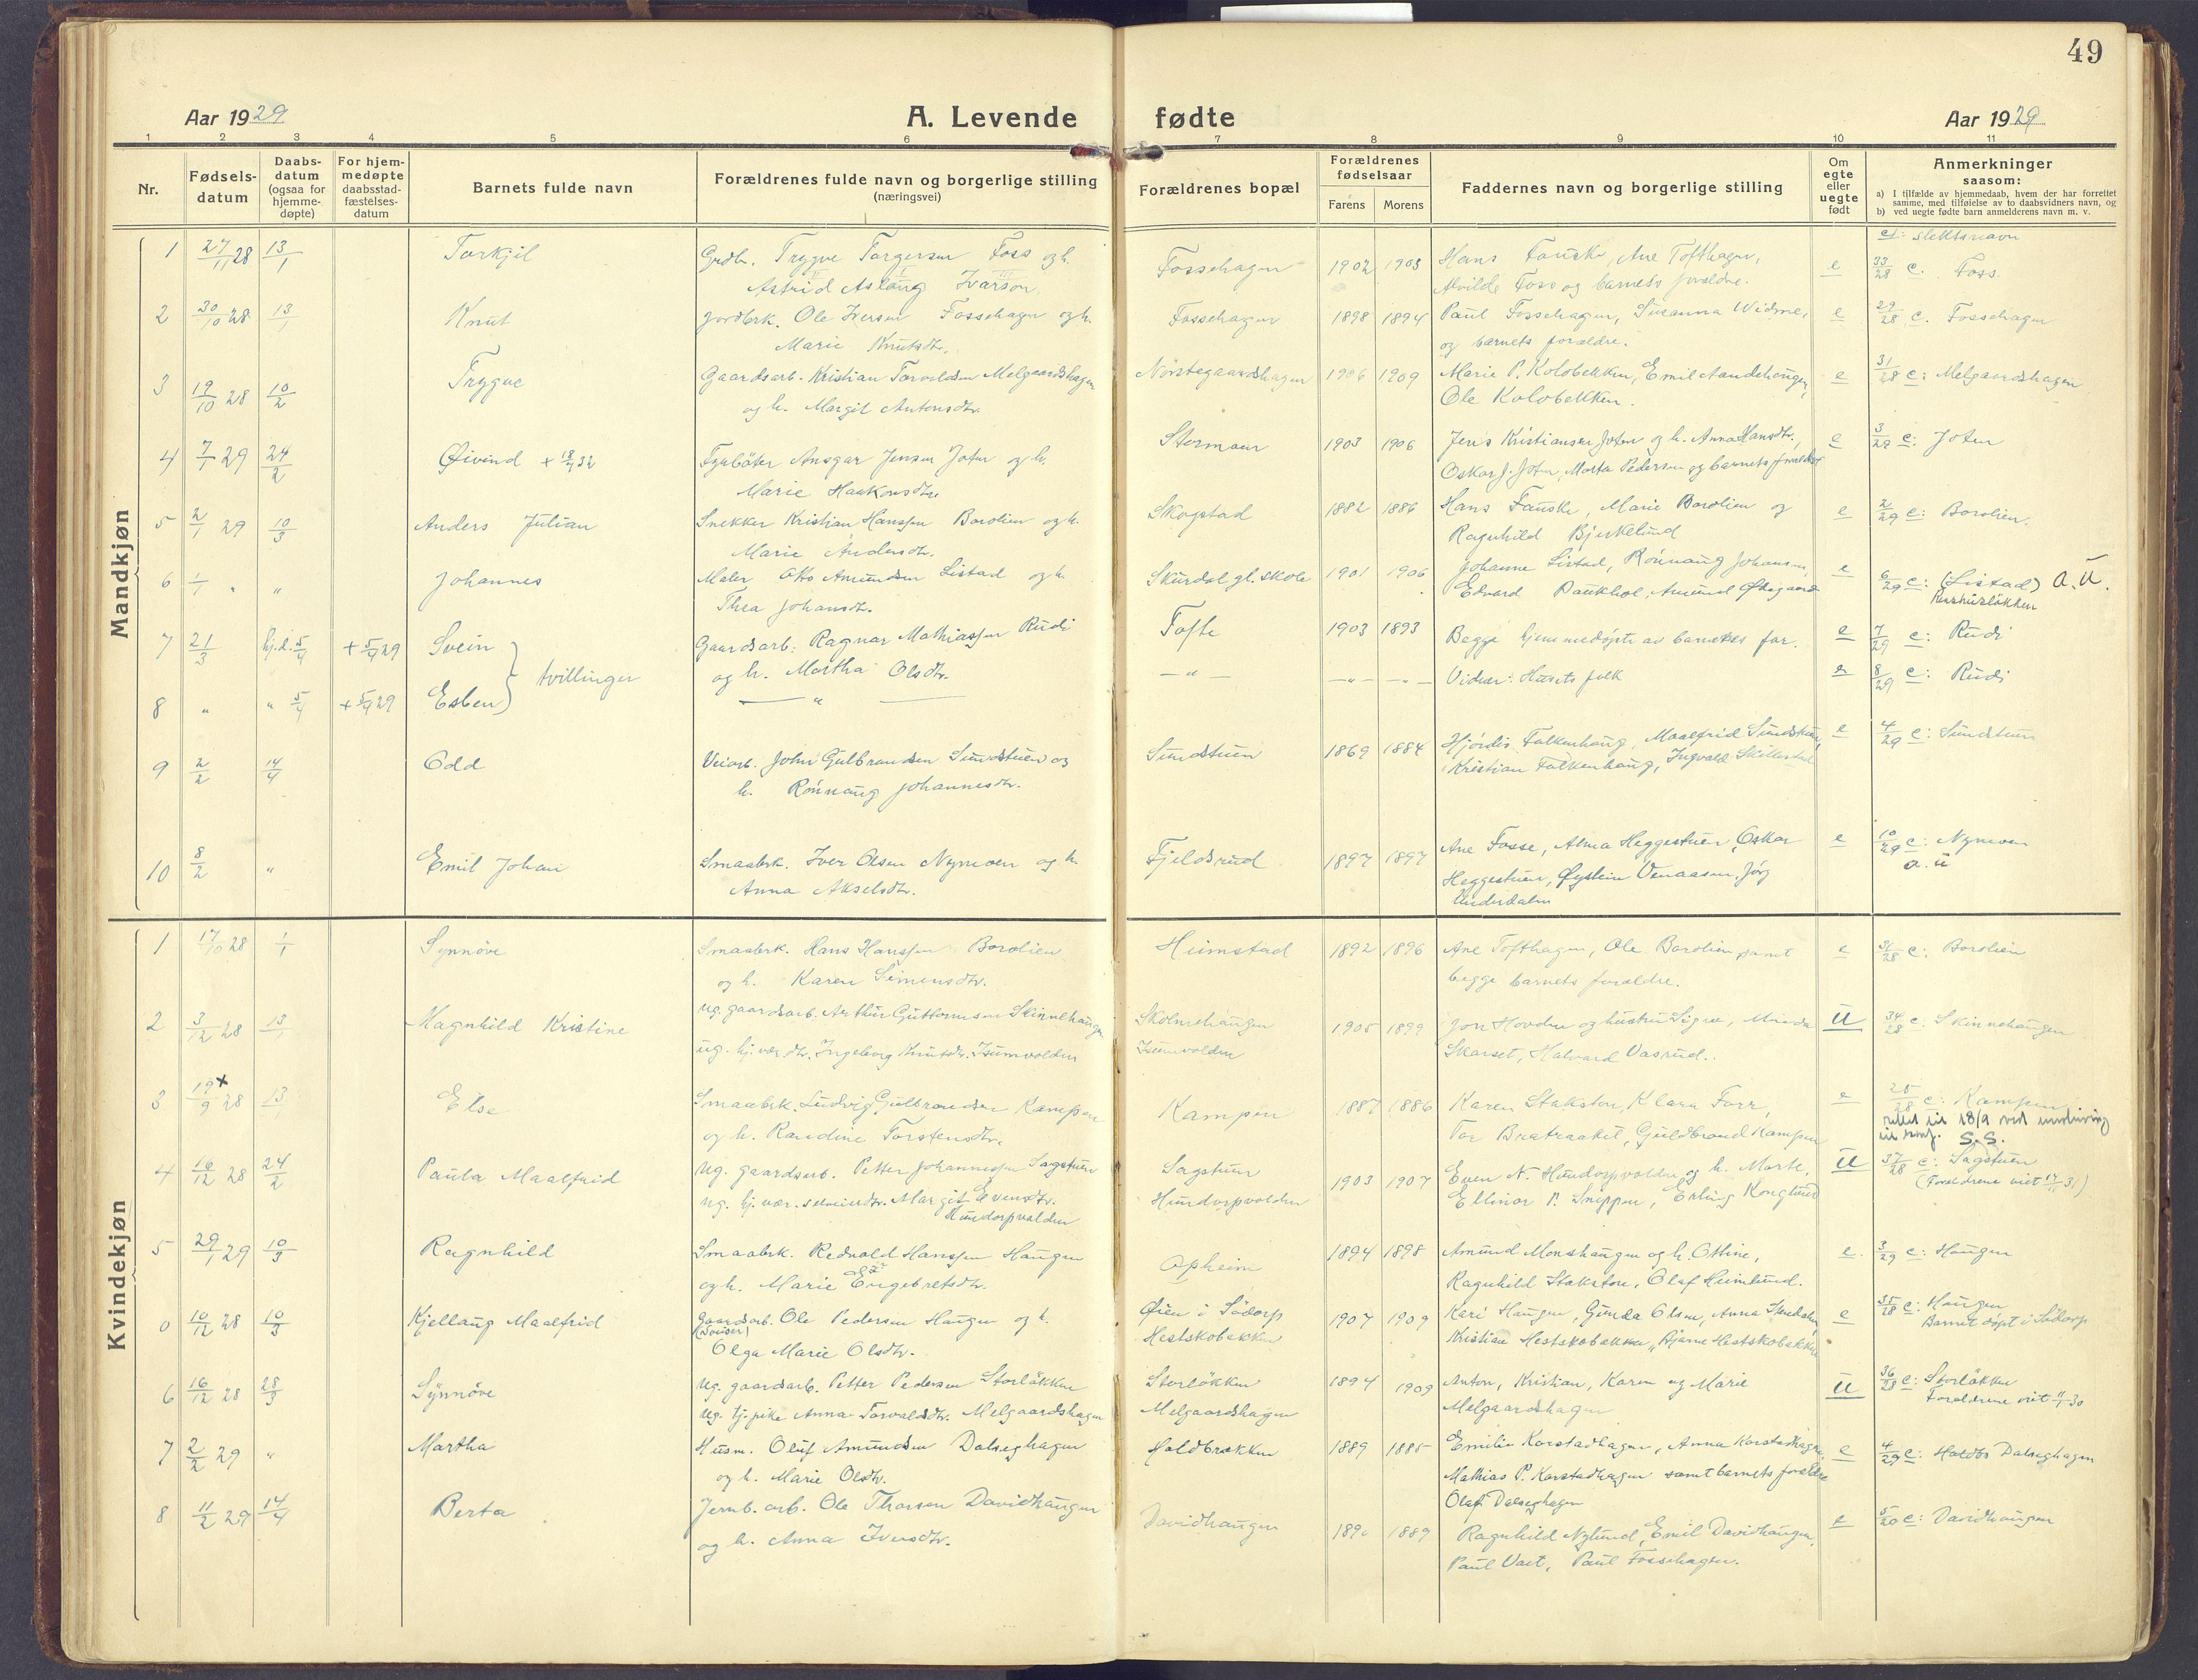 SAH, Sør-Fron prestekontor, H/Ha/Haa/L0005: Parish register (official) no. 5, 1920-1933, p. 49